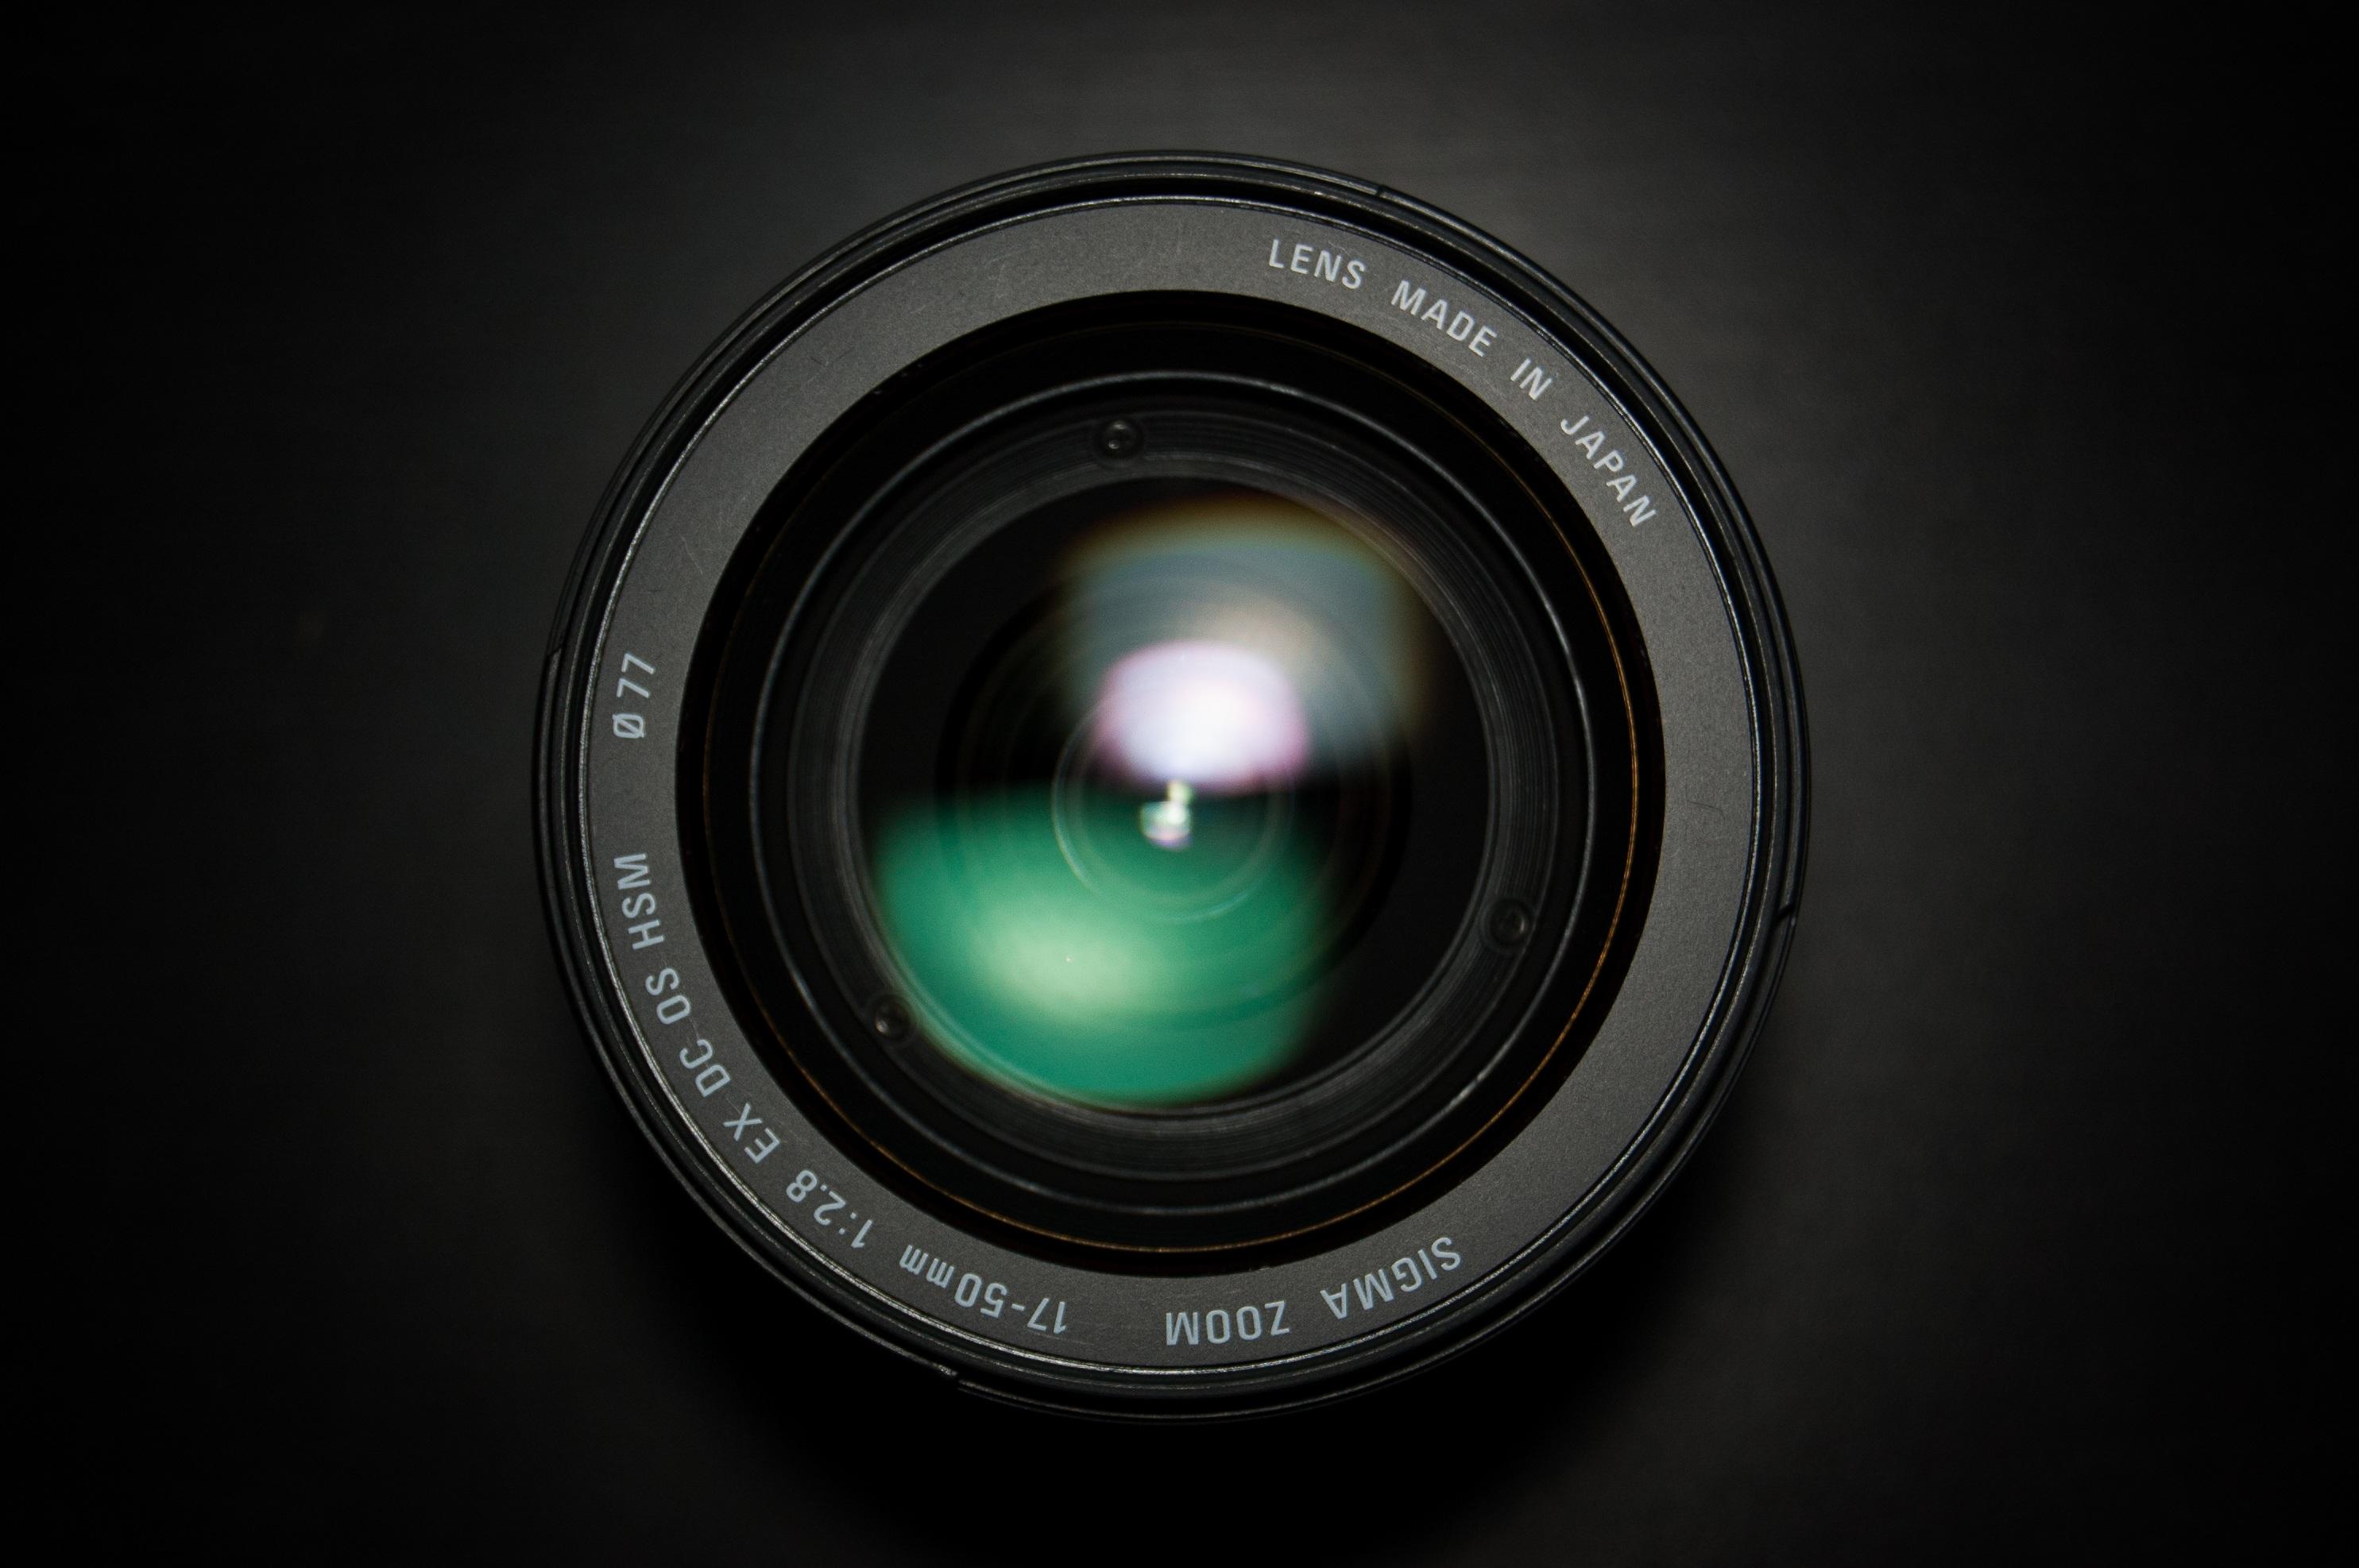 Mm Glass Lens